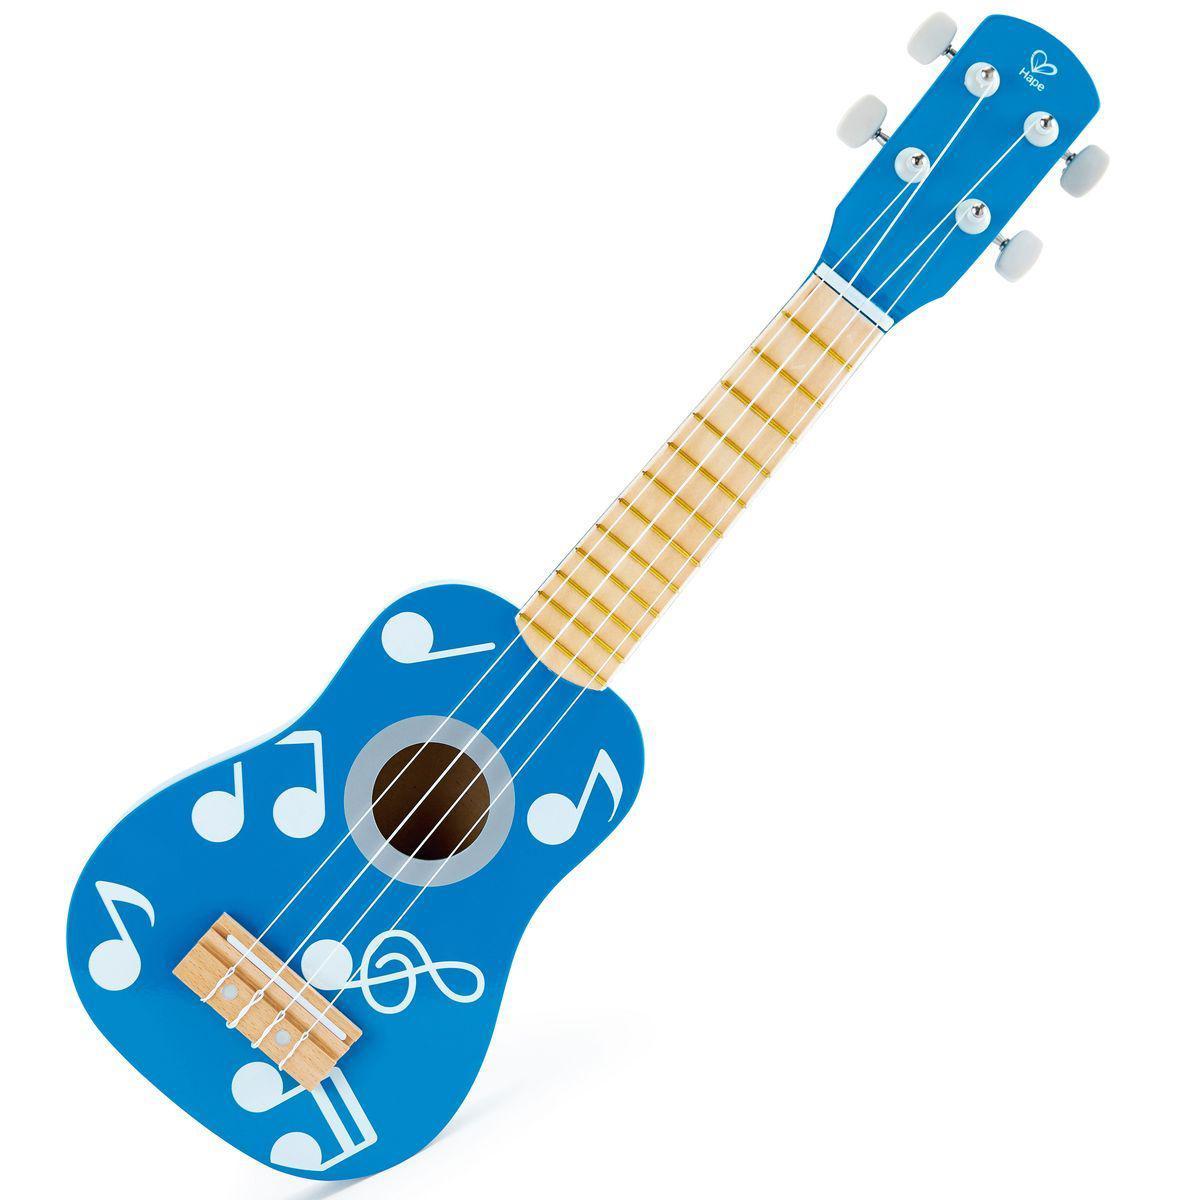 Instrumento musical UKELELE Hape blue